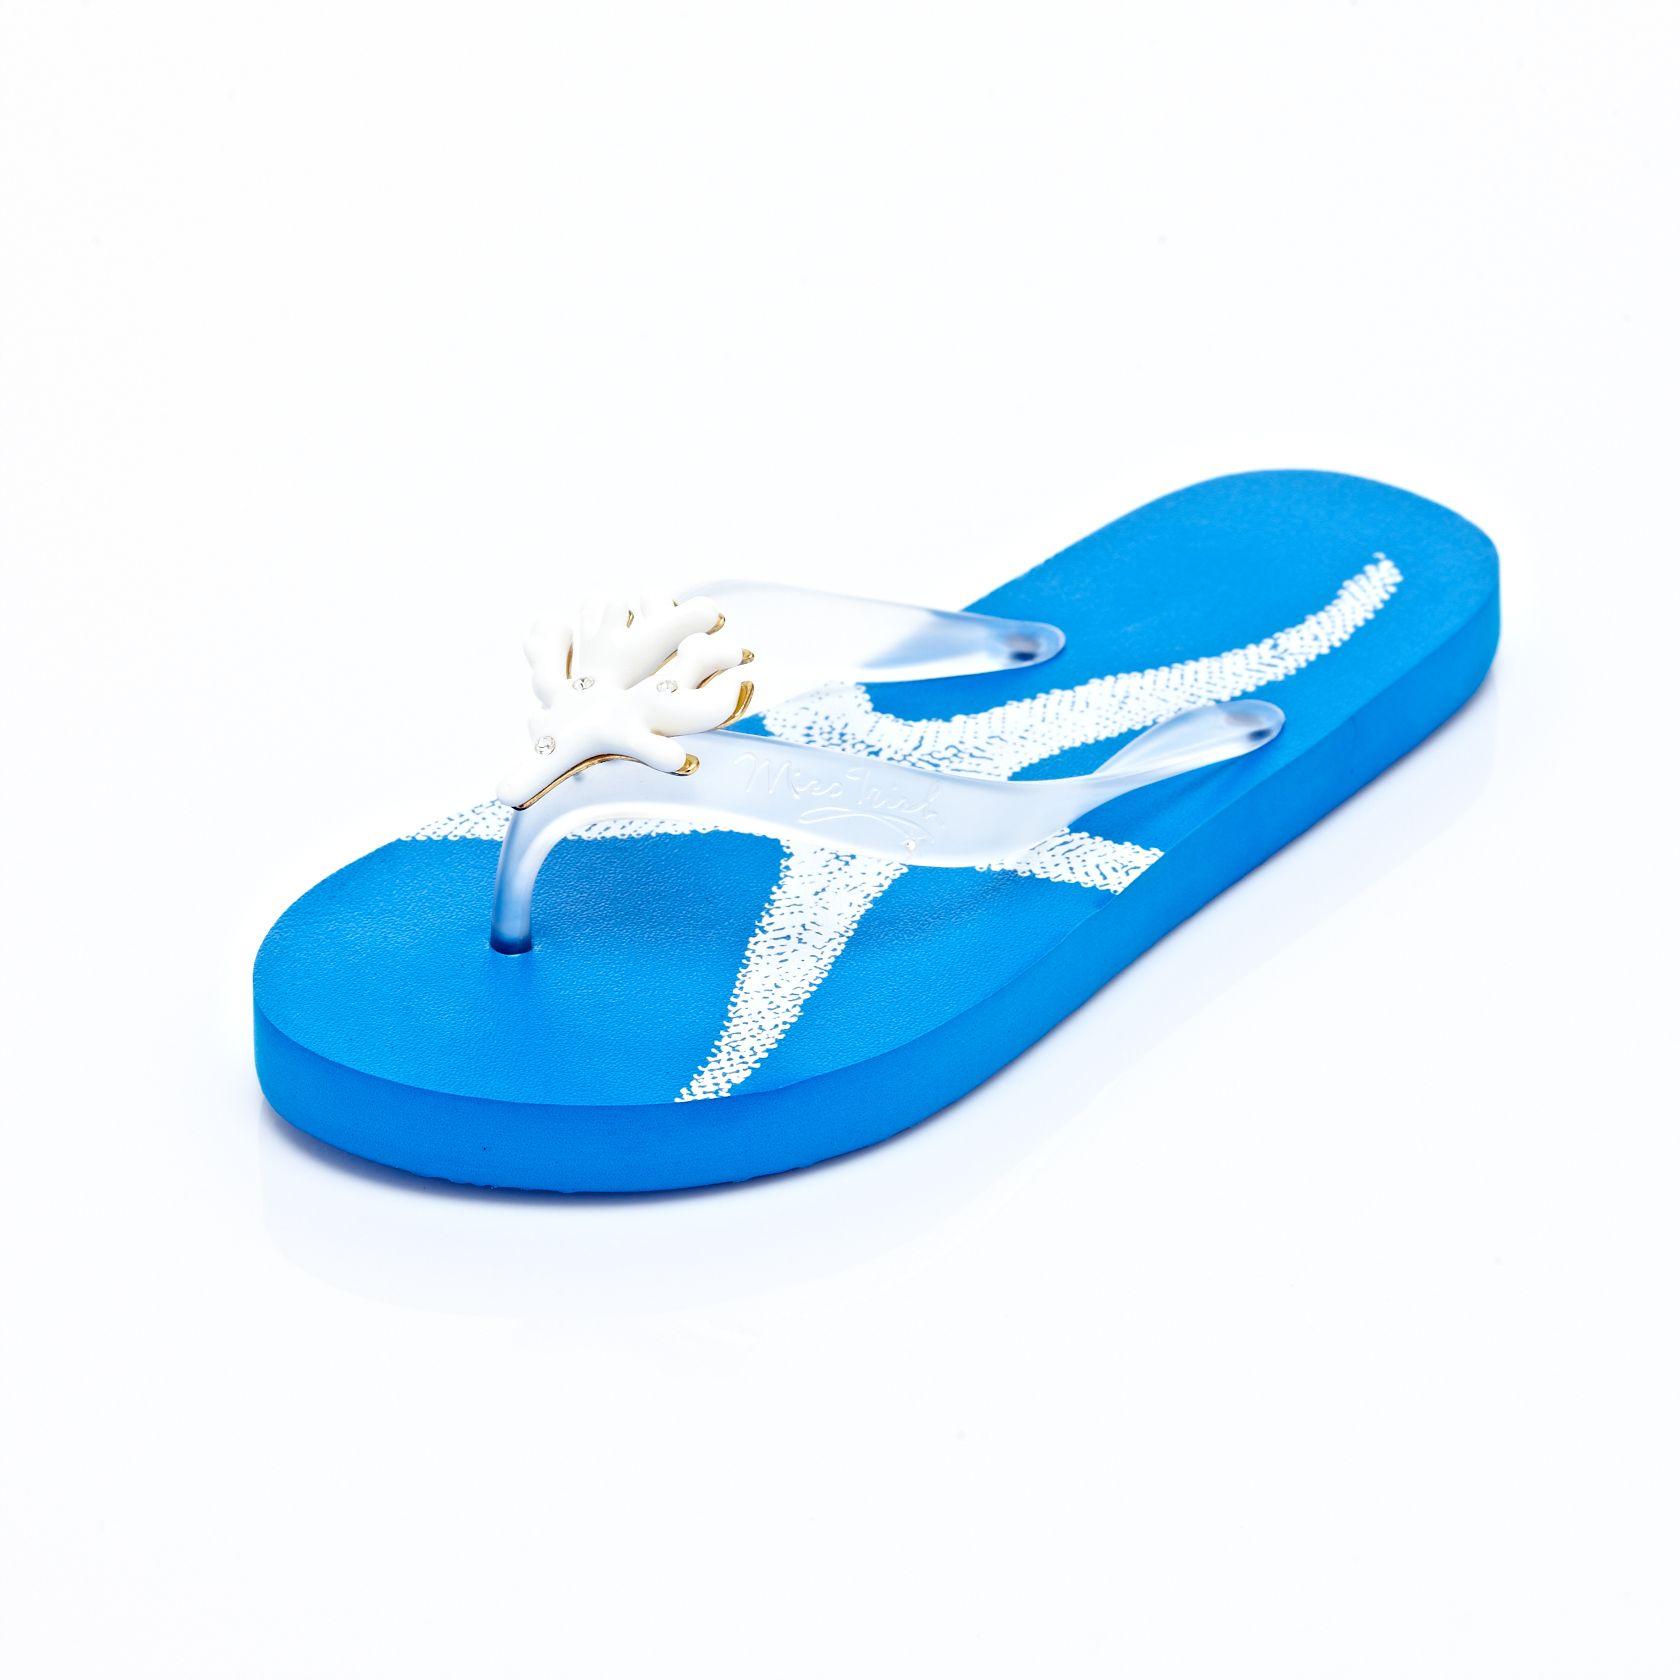 d6a98a3fe9b39 Miss Trish Coral Gloss Summer Sky Blue Flip Flops